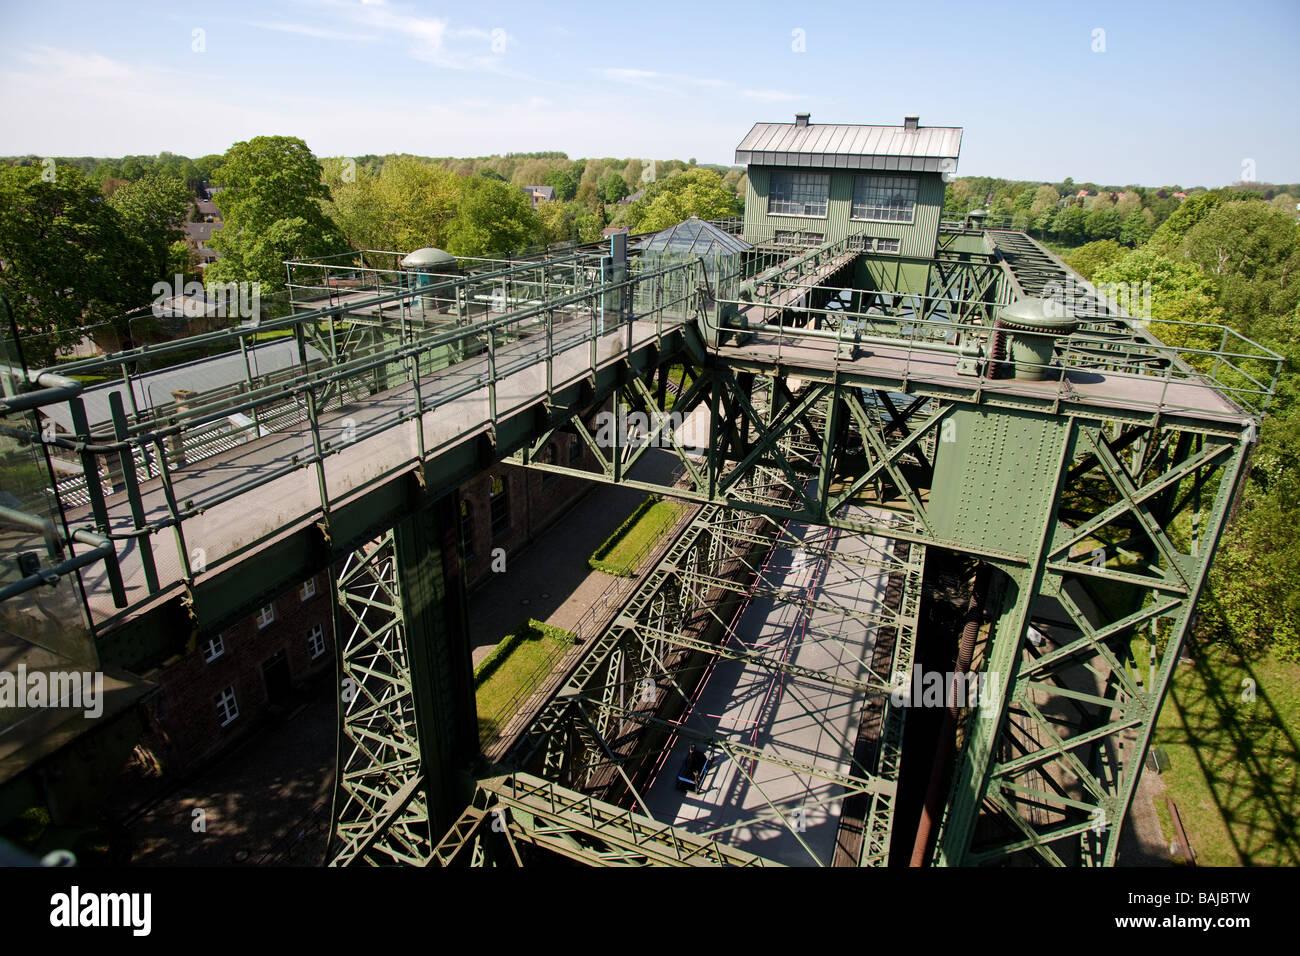 Die alte Henrichenburg Shiplift in der Stadt Waltrop, die Route der Industriekultur, NRW, Nordrhein - Westfalen, Deutschland Stockfoto